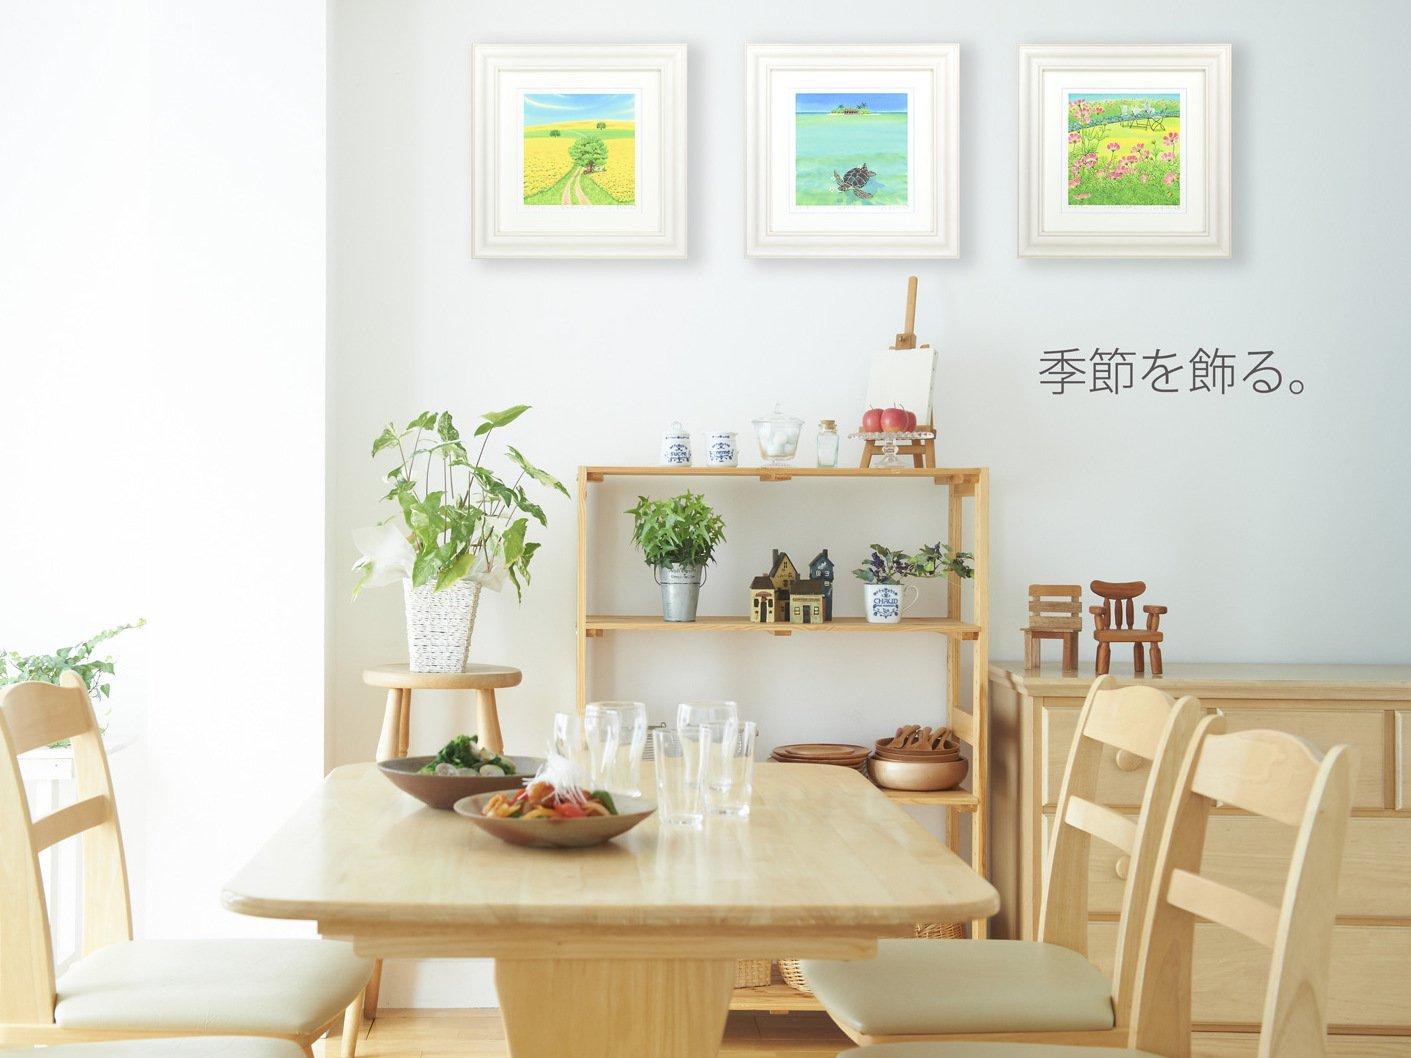 《絵画》【ゆうパケット】武内 祐人「サンタとトナカイ散歩」